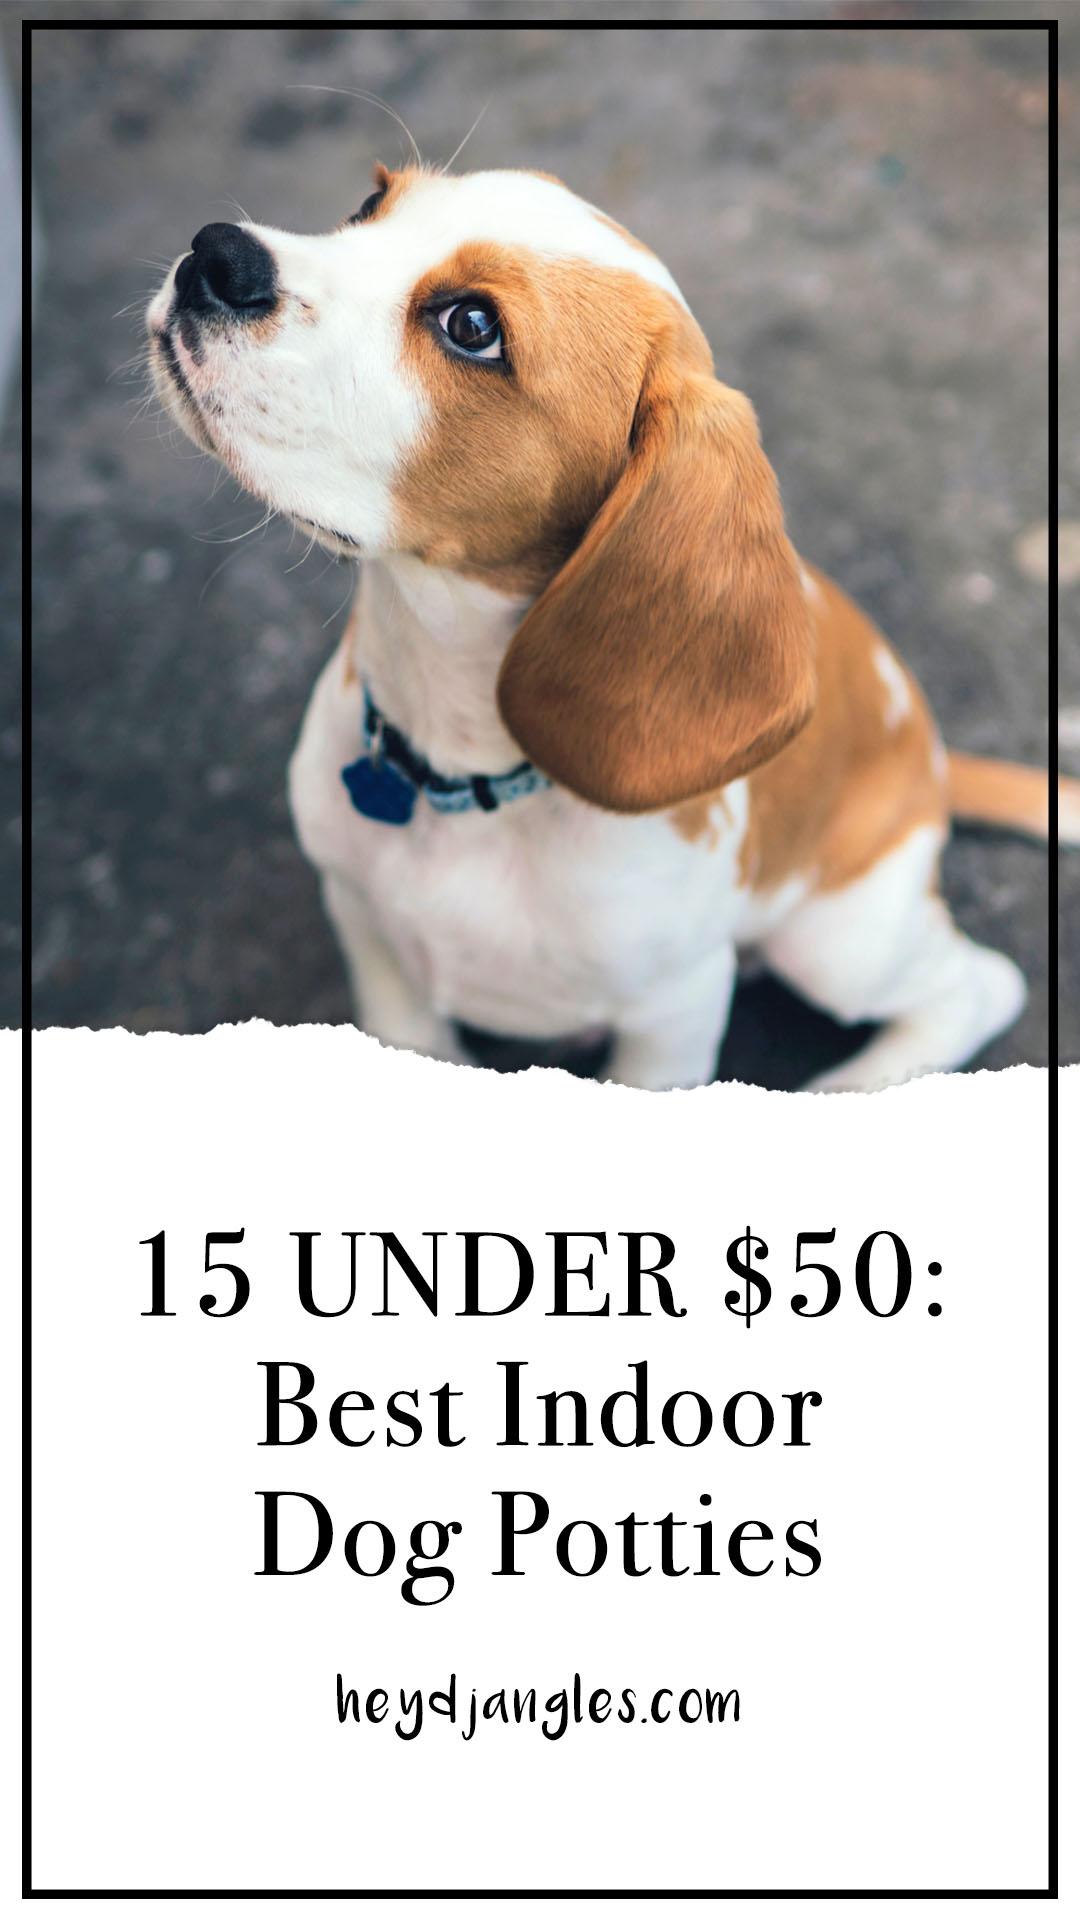 15 UNDER $50: Best Indoor Dog Potties –heydjangles.com, puppy toilet training, indoor dog potty, potty training your dog.